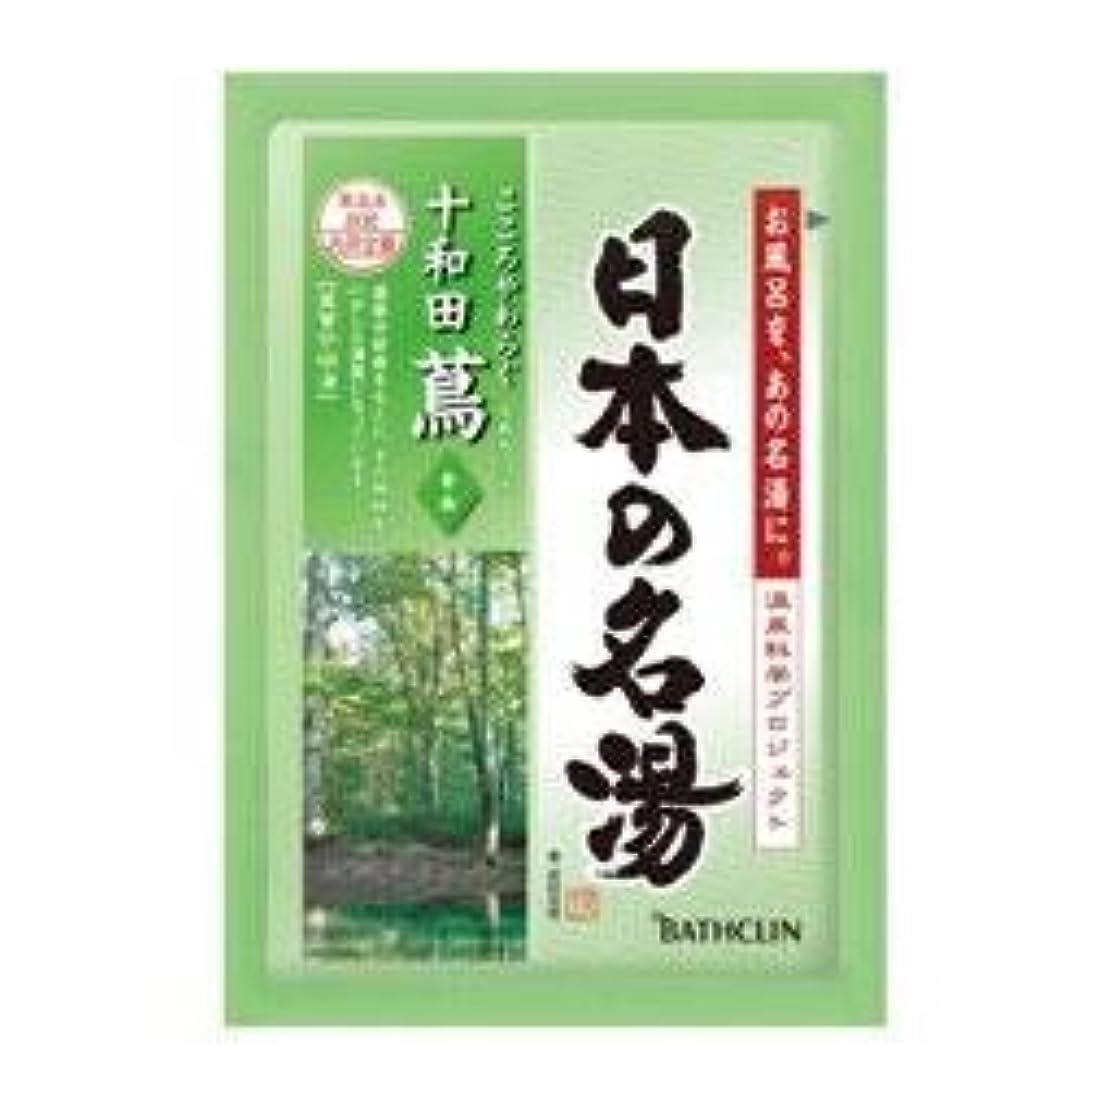 後継夢文明バスクリン 日本の名湯 十和田蔦 1包 医薬部外品×120点セット (4548514135000)